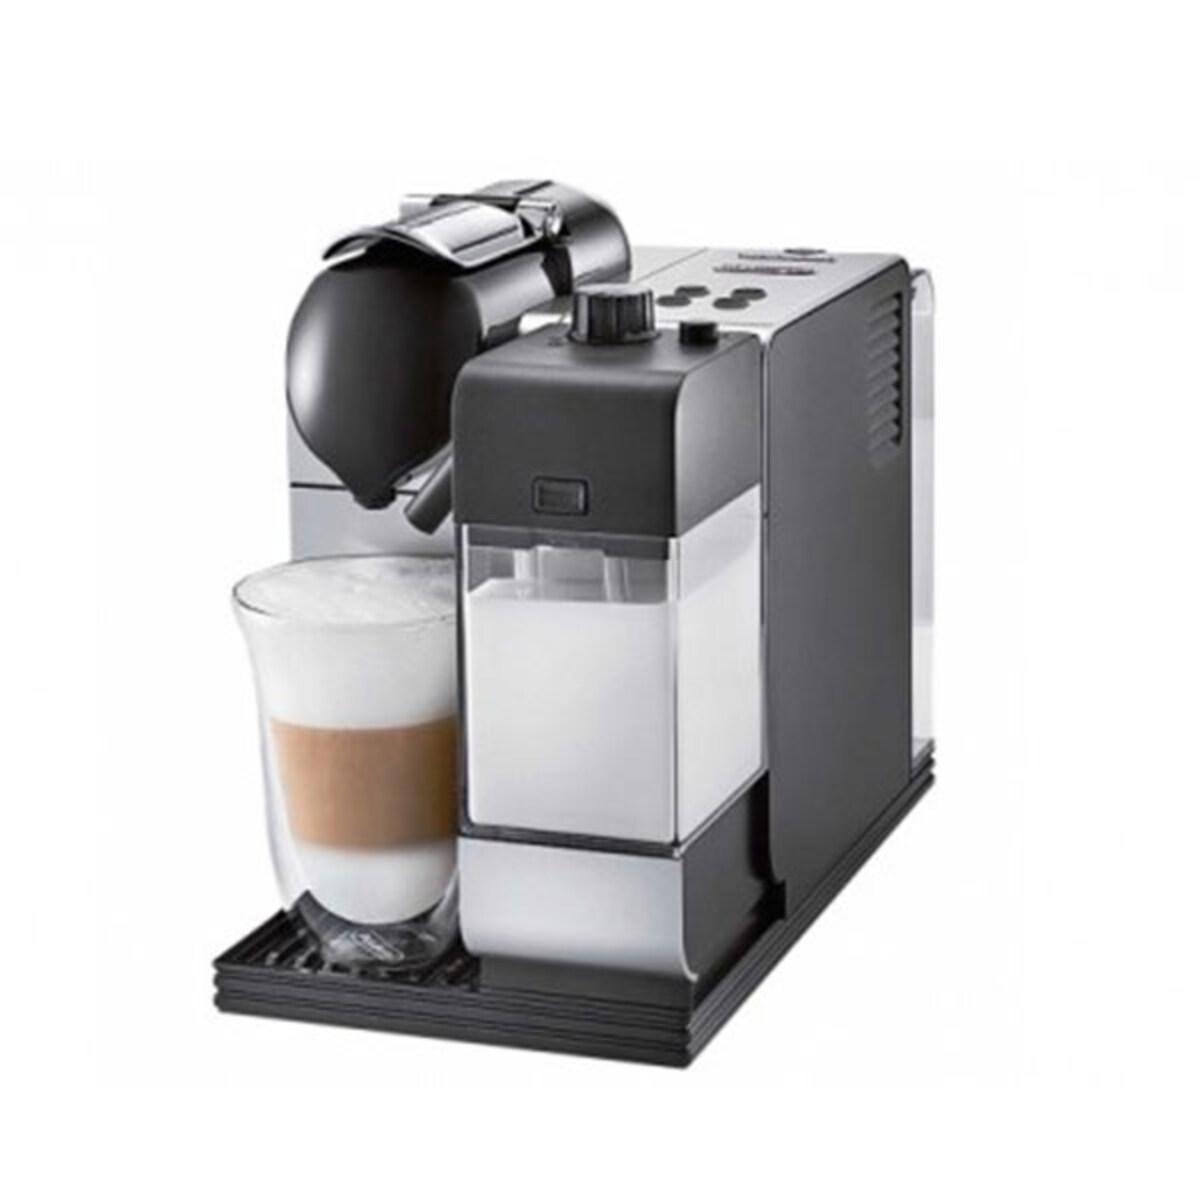 Nespresso Latissima Plus Silver